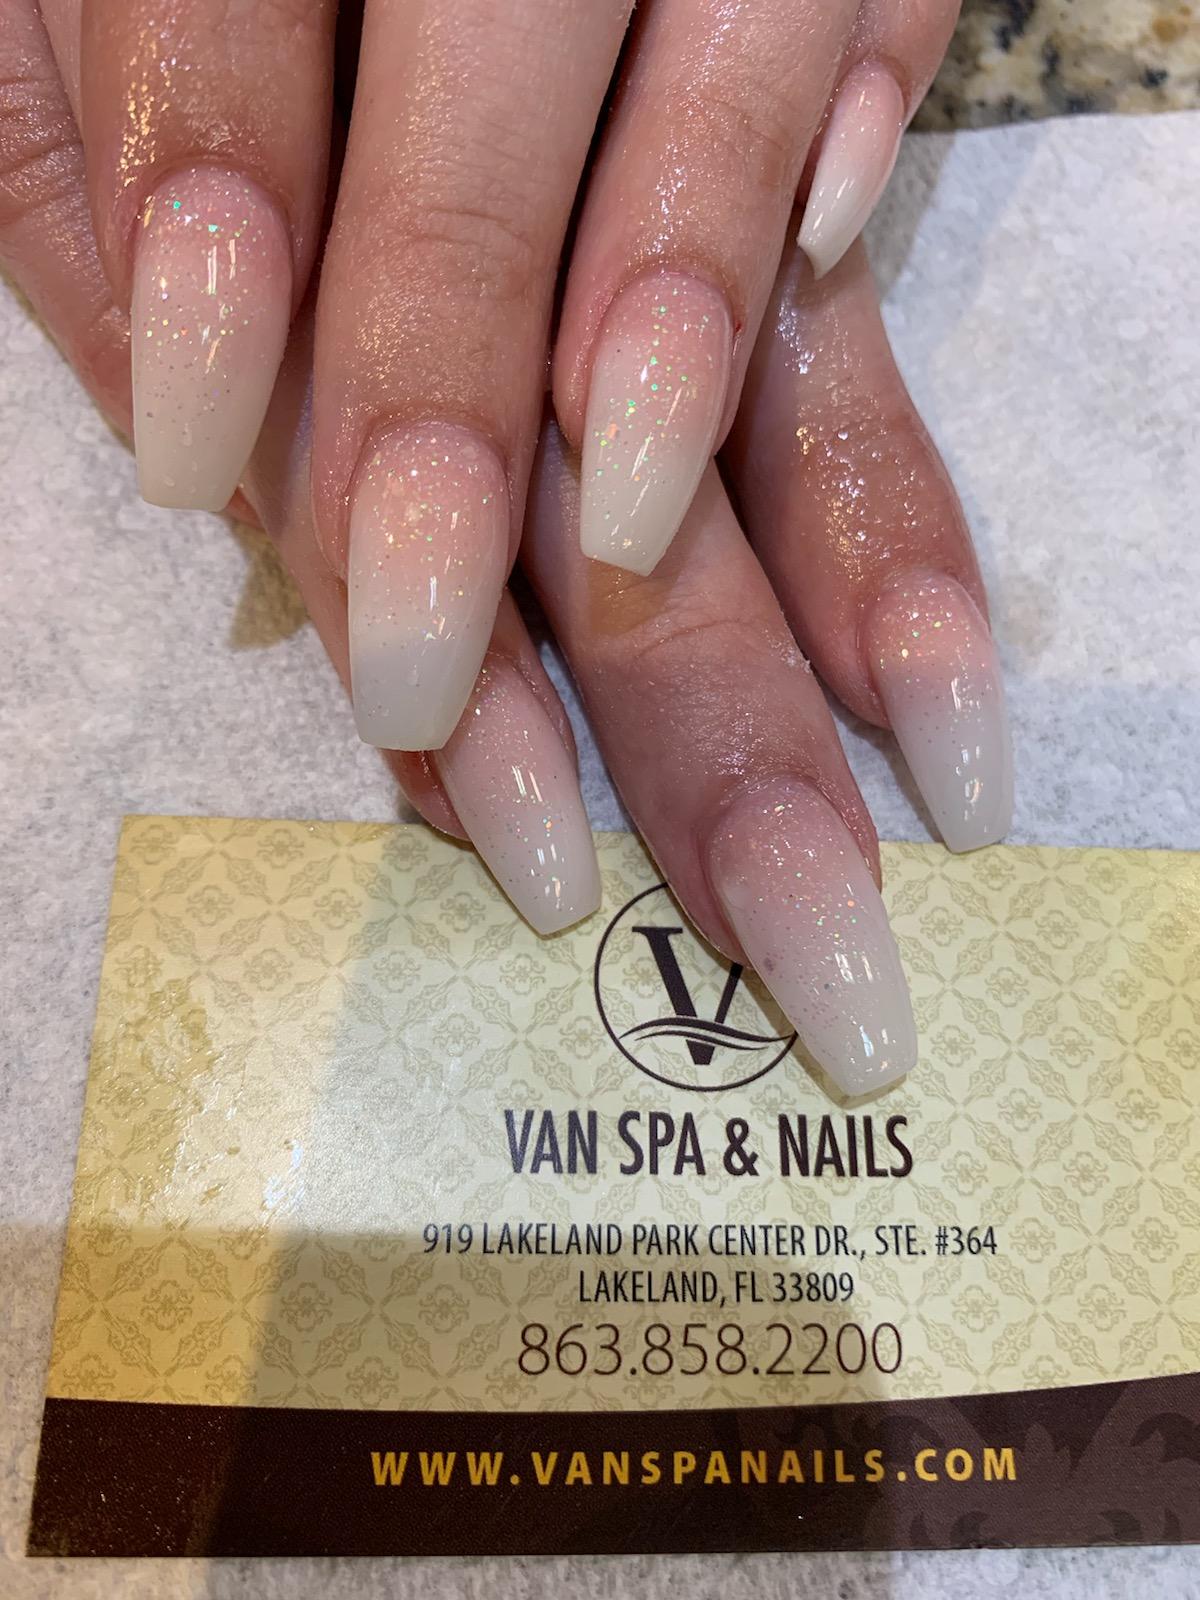 Van Spa & Nails